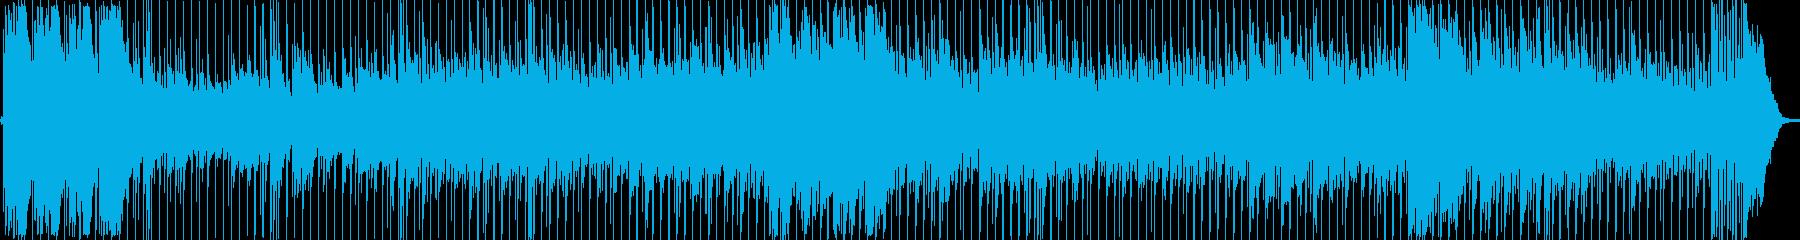 伝統的なメロディックなナポリ風の歌。の再生済みの波形